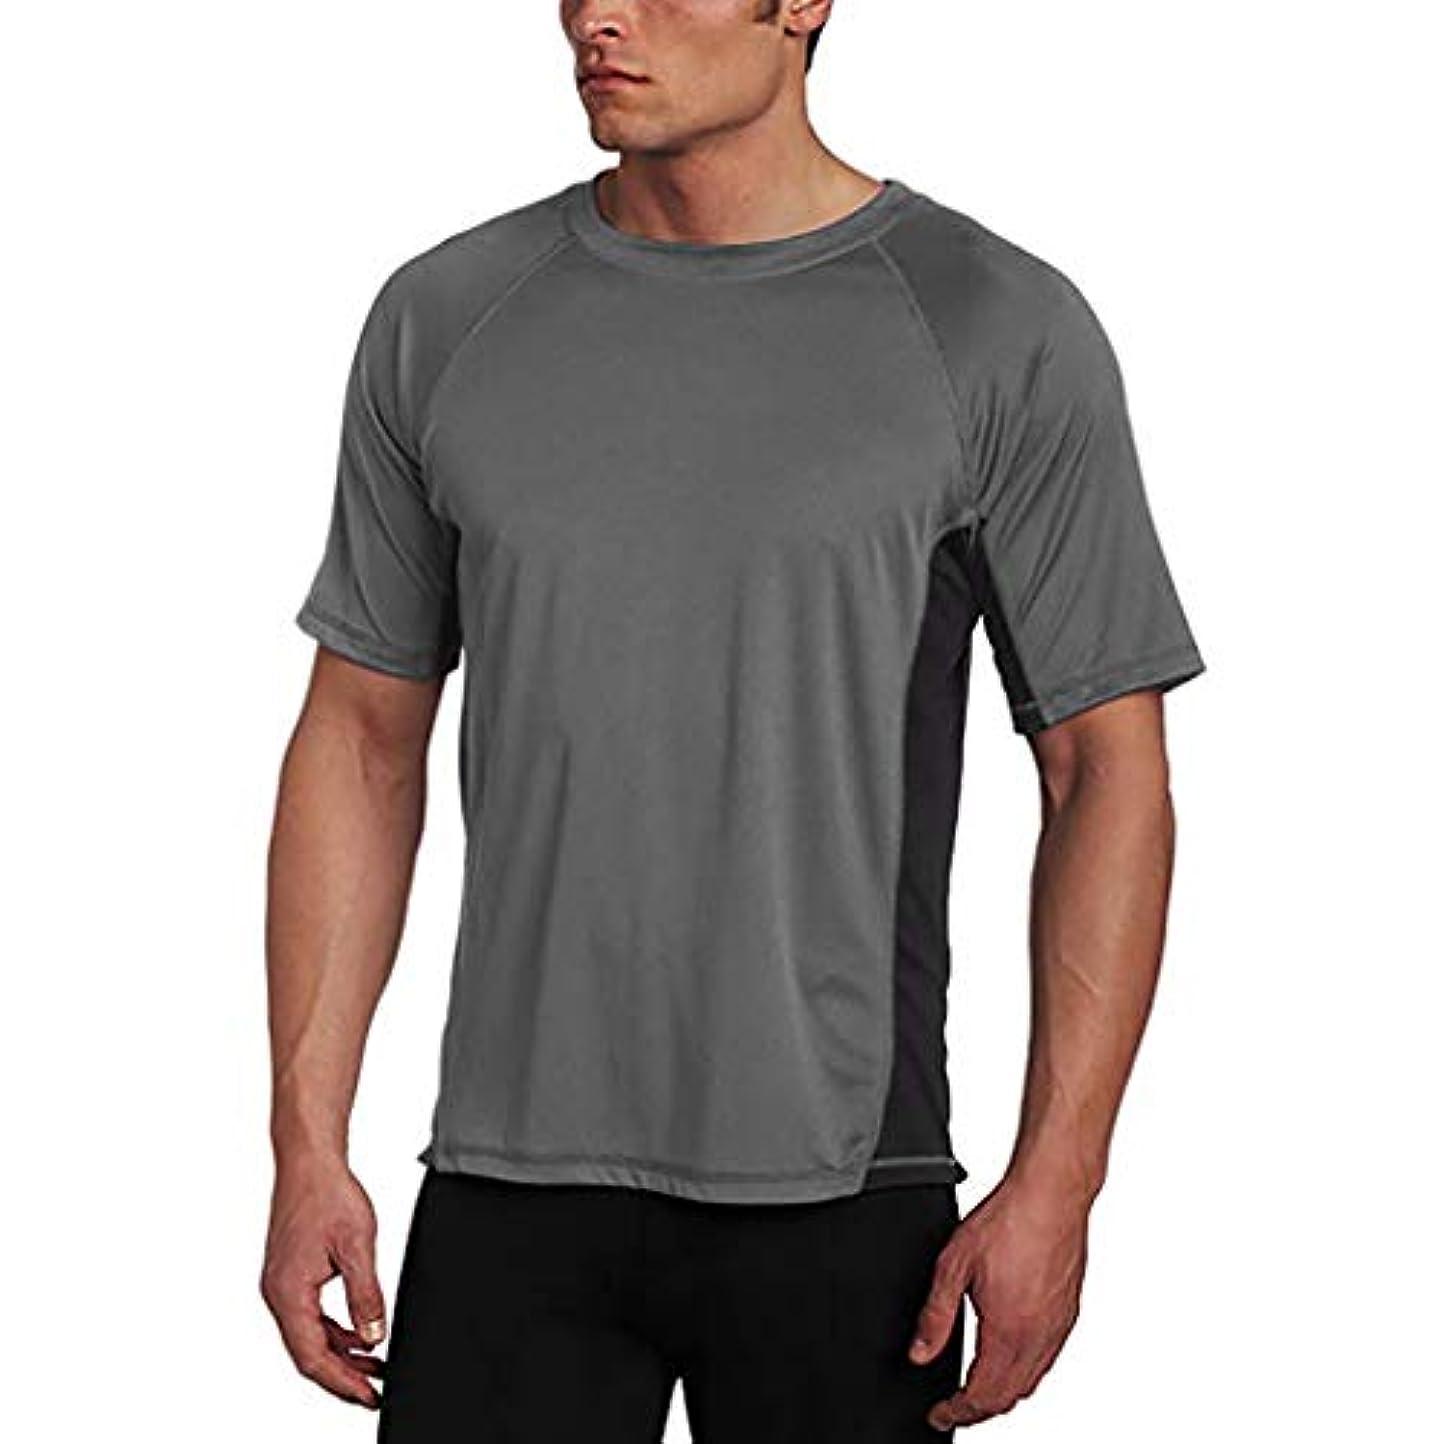 複雑群れ落ち着いてメンズ シャツ Rexzo 純色 スプライス スポーツシャツ シンプル 機能性 Tシャツ 通気性いい 柔らかい スウェットシャツ 上質 着心地良い トレーニングウェア フィットネス 活動性が良い シャツ 大きいサイズ 日常...